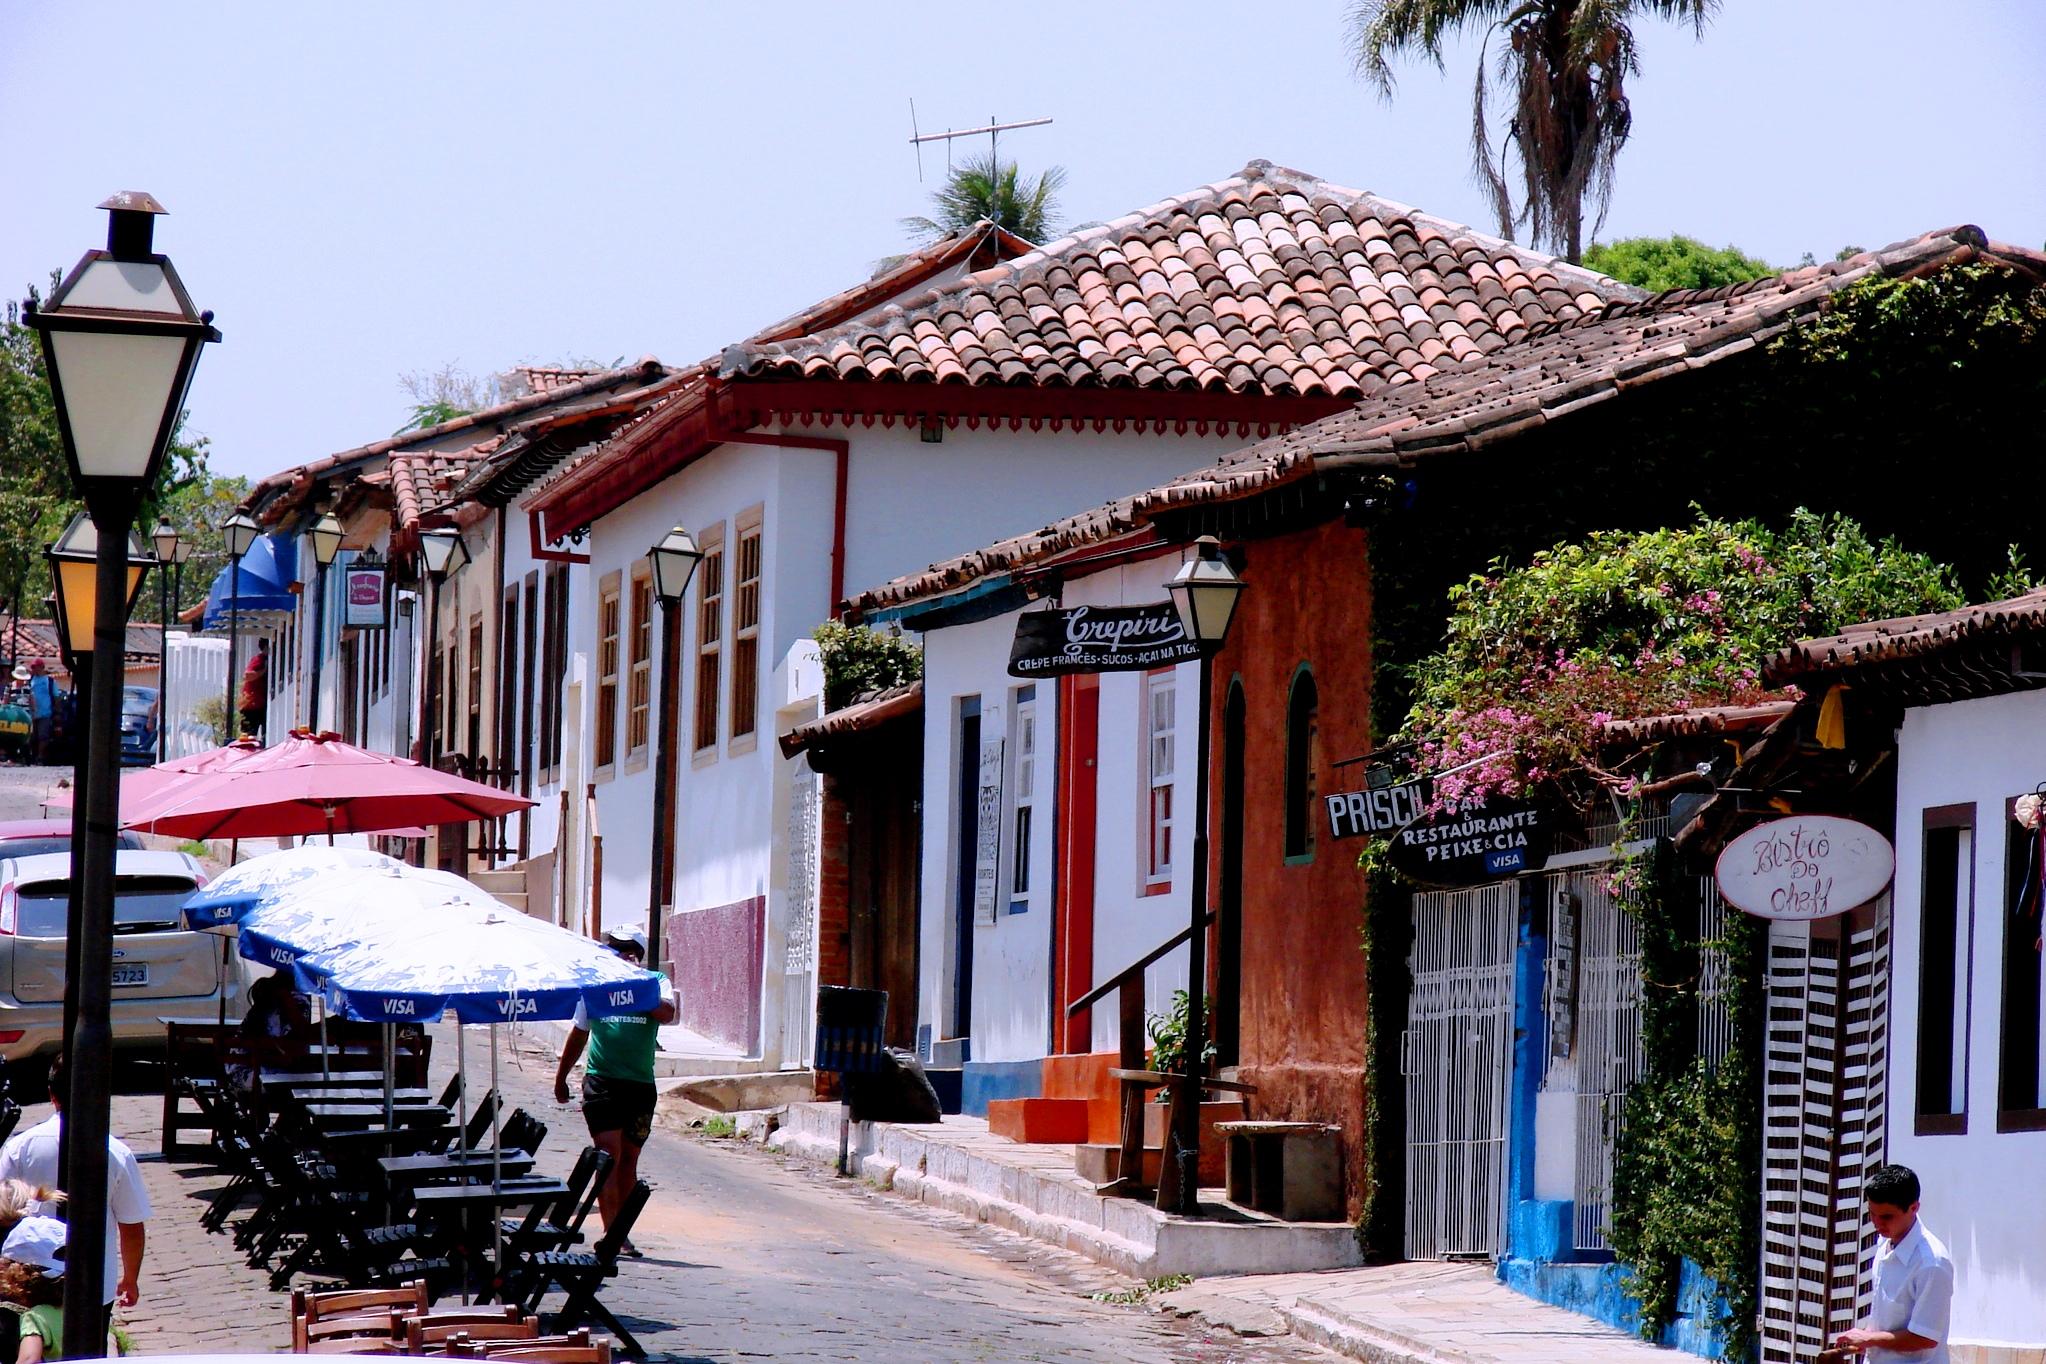 Pirenópolis recebe festival com esportes, vivências e músicas, em meio à natureza